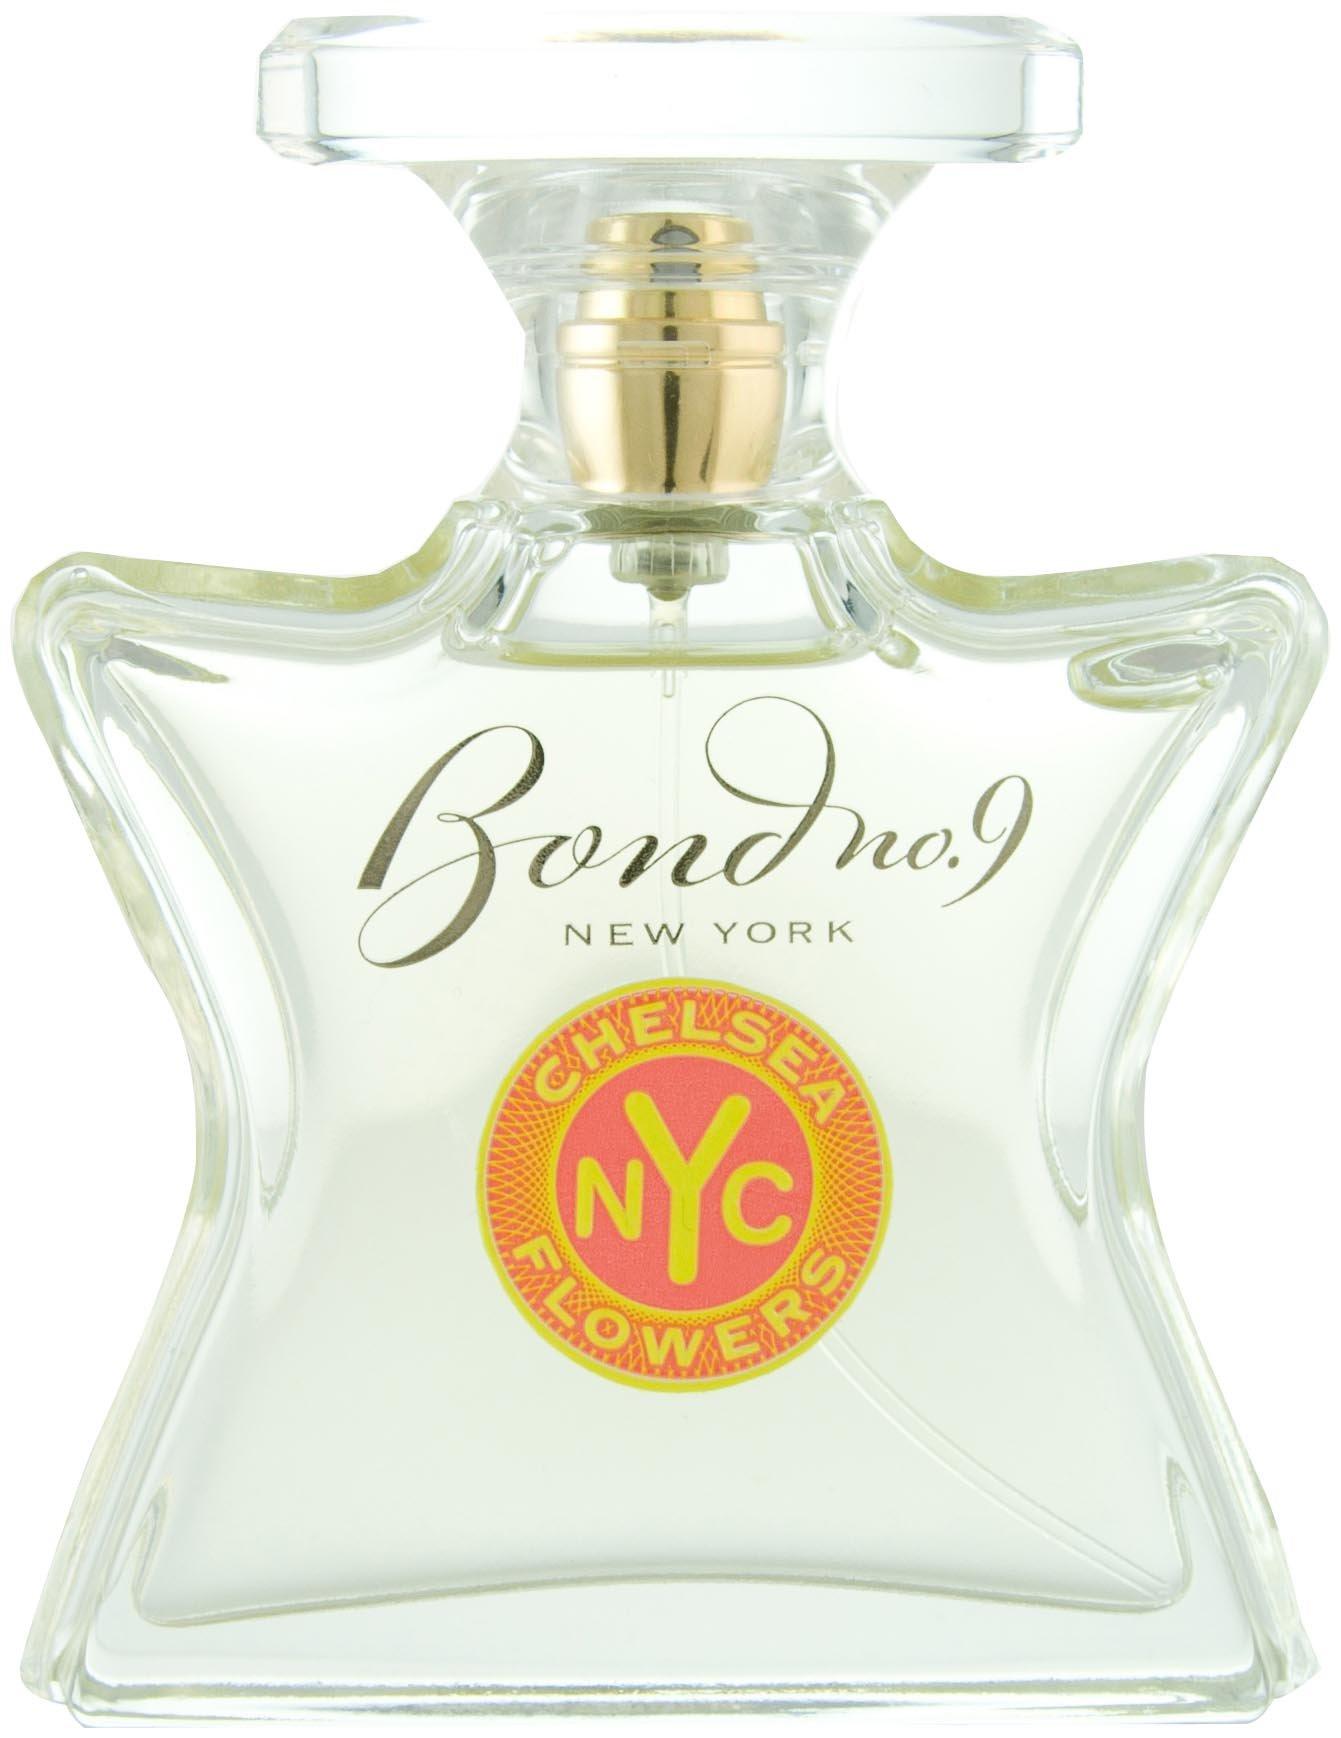 Bond No. 9 Chelsea Flowers Eau de Parfum Spary for Women, 1.7 Ounce